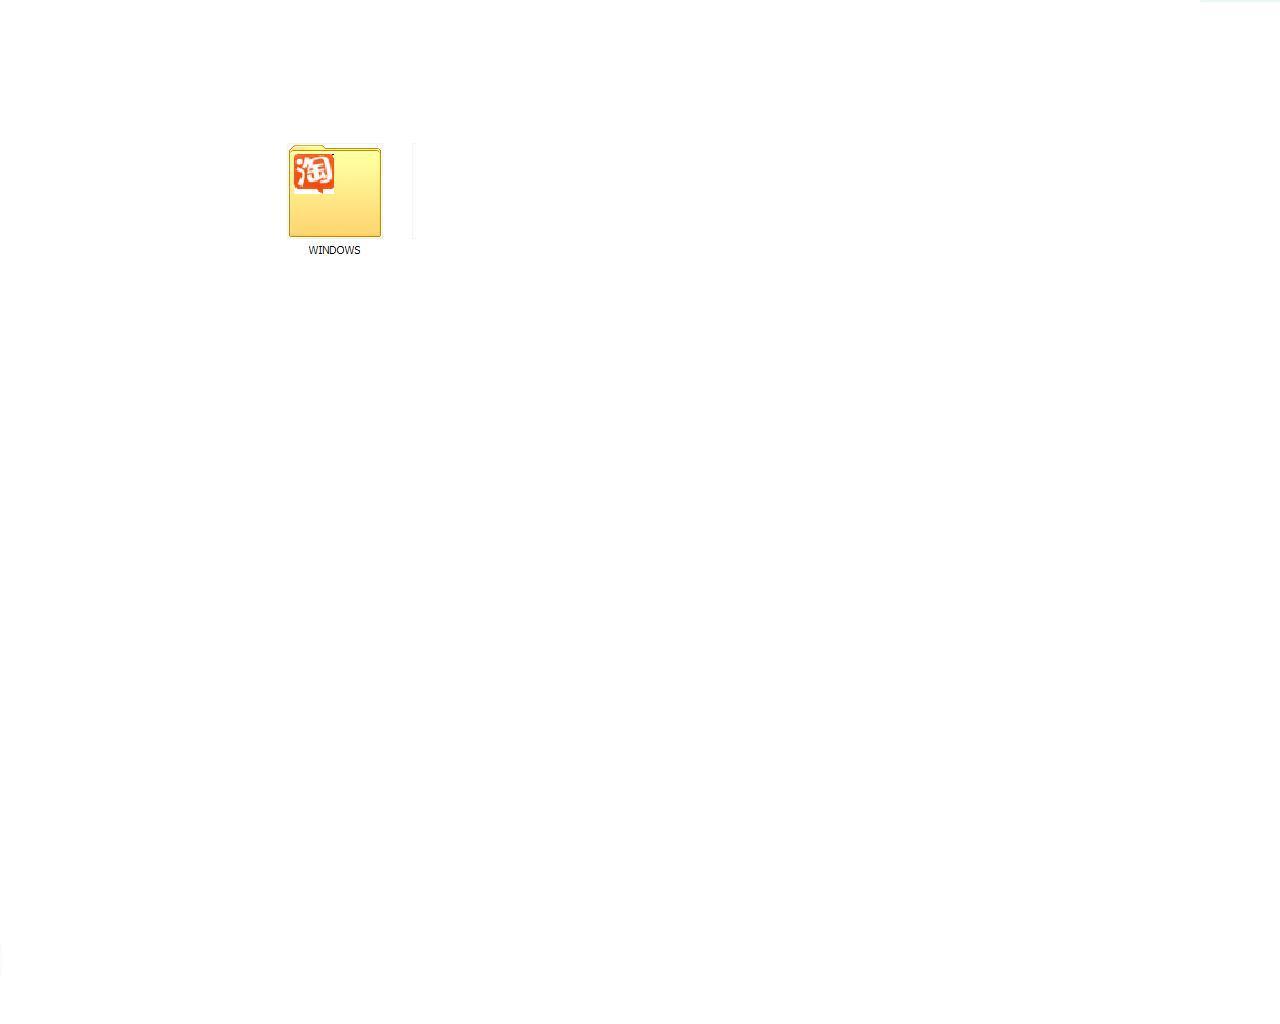 c盘windows文件夹图标被改图片